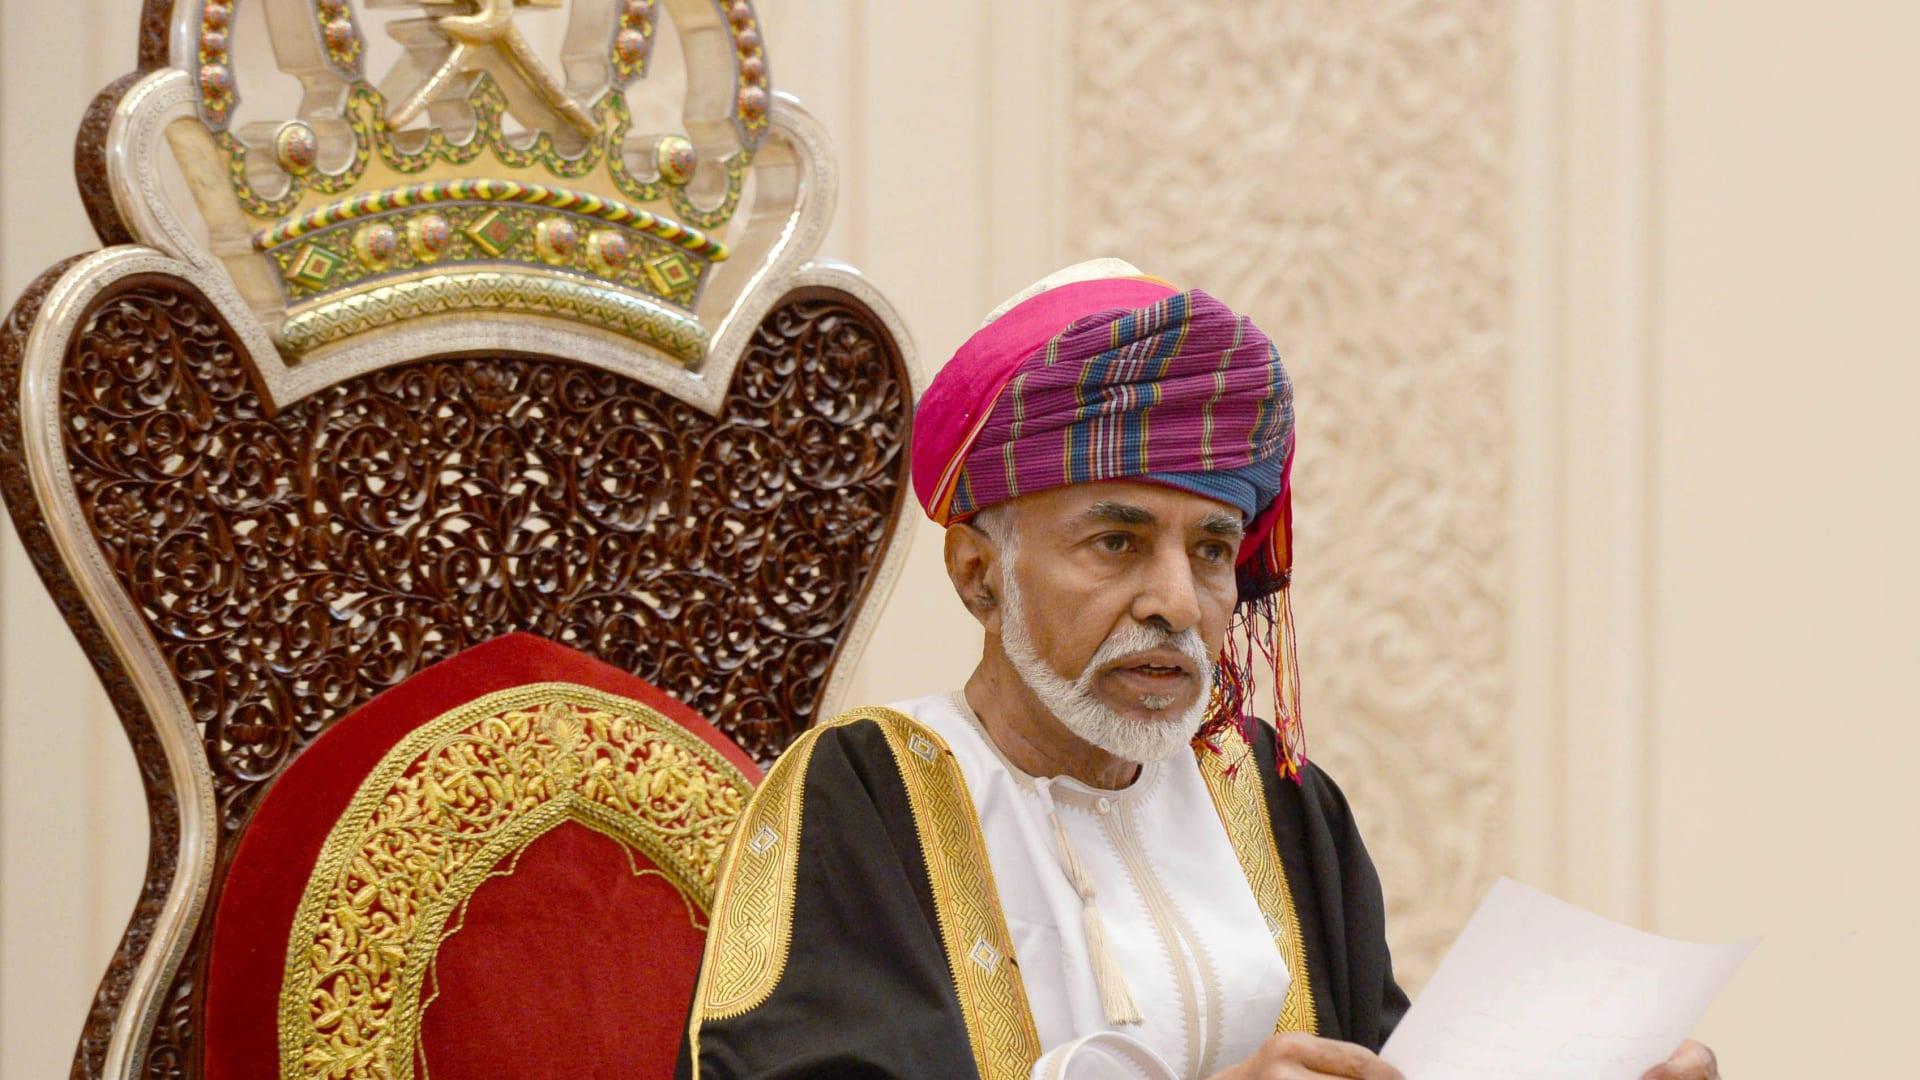 دون وريث.. وفاة سلطان عُمان قابوس بن سعيد بعد 50 عامًا في حكم السلطنة